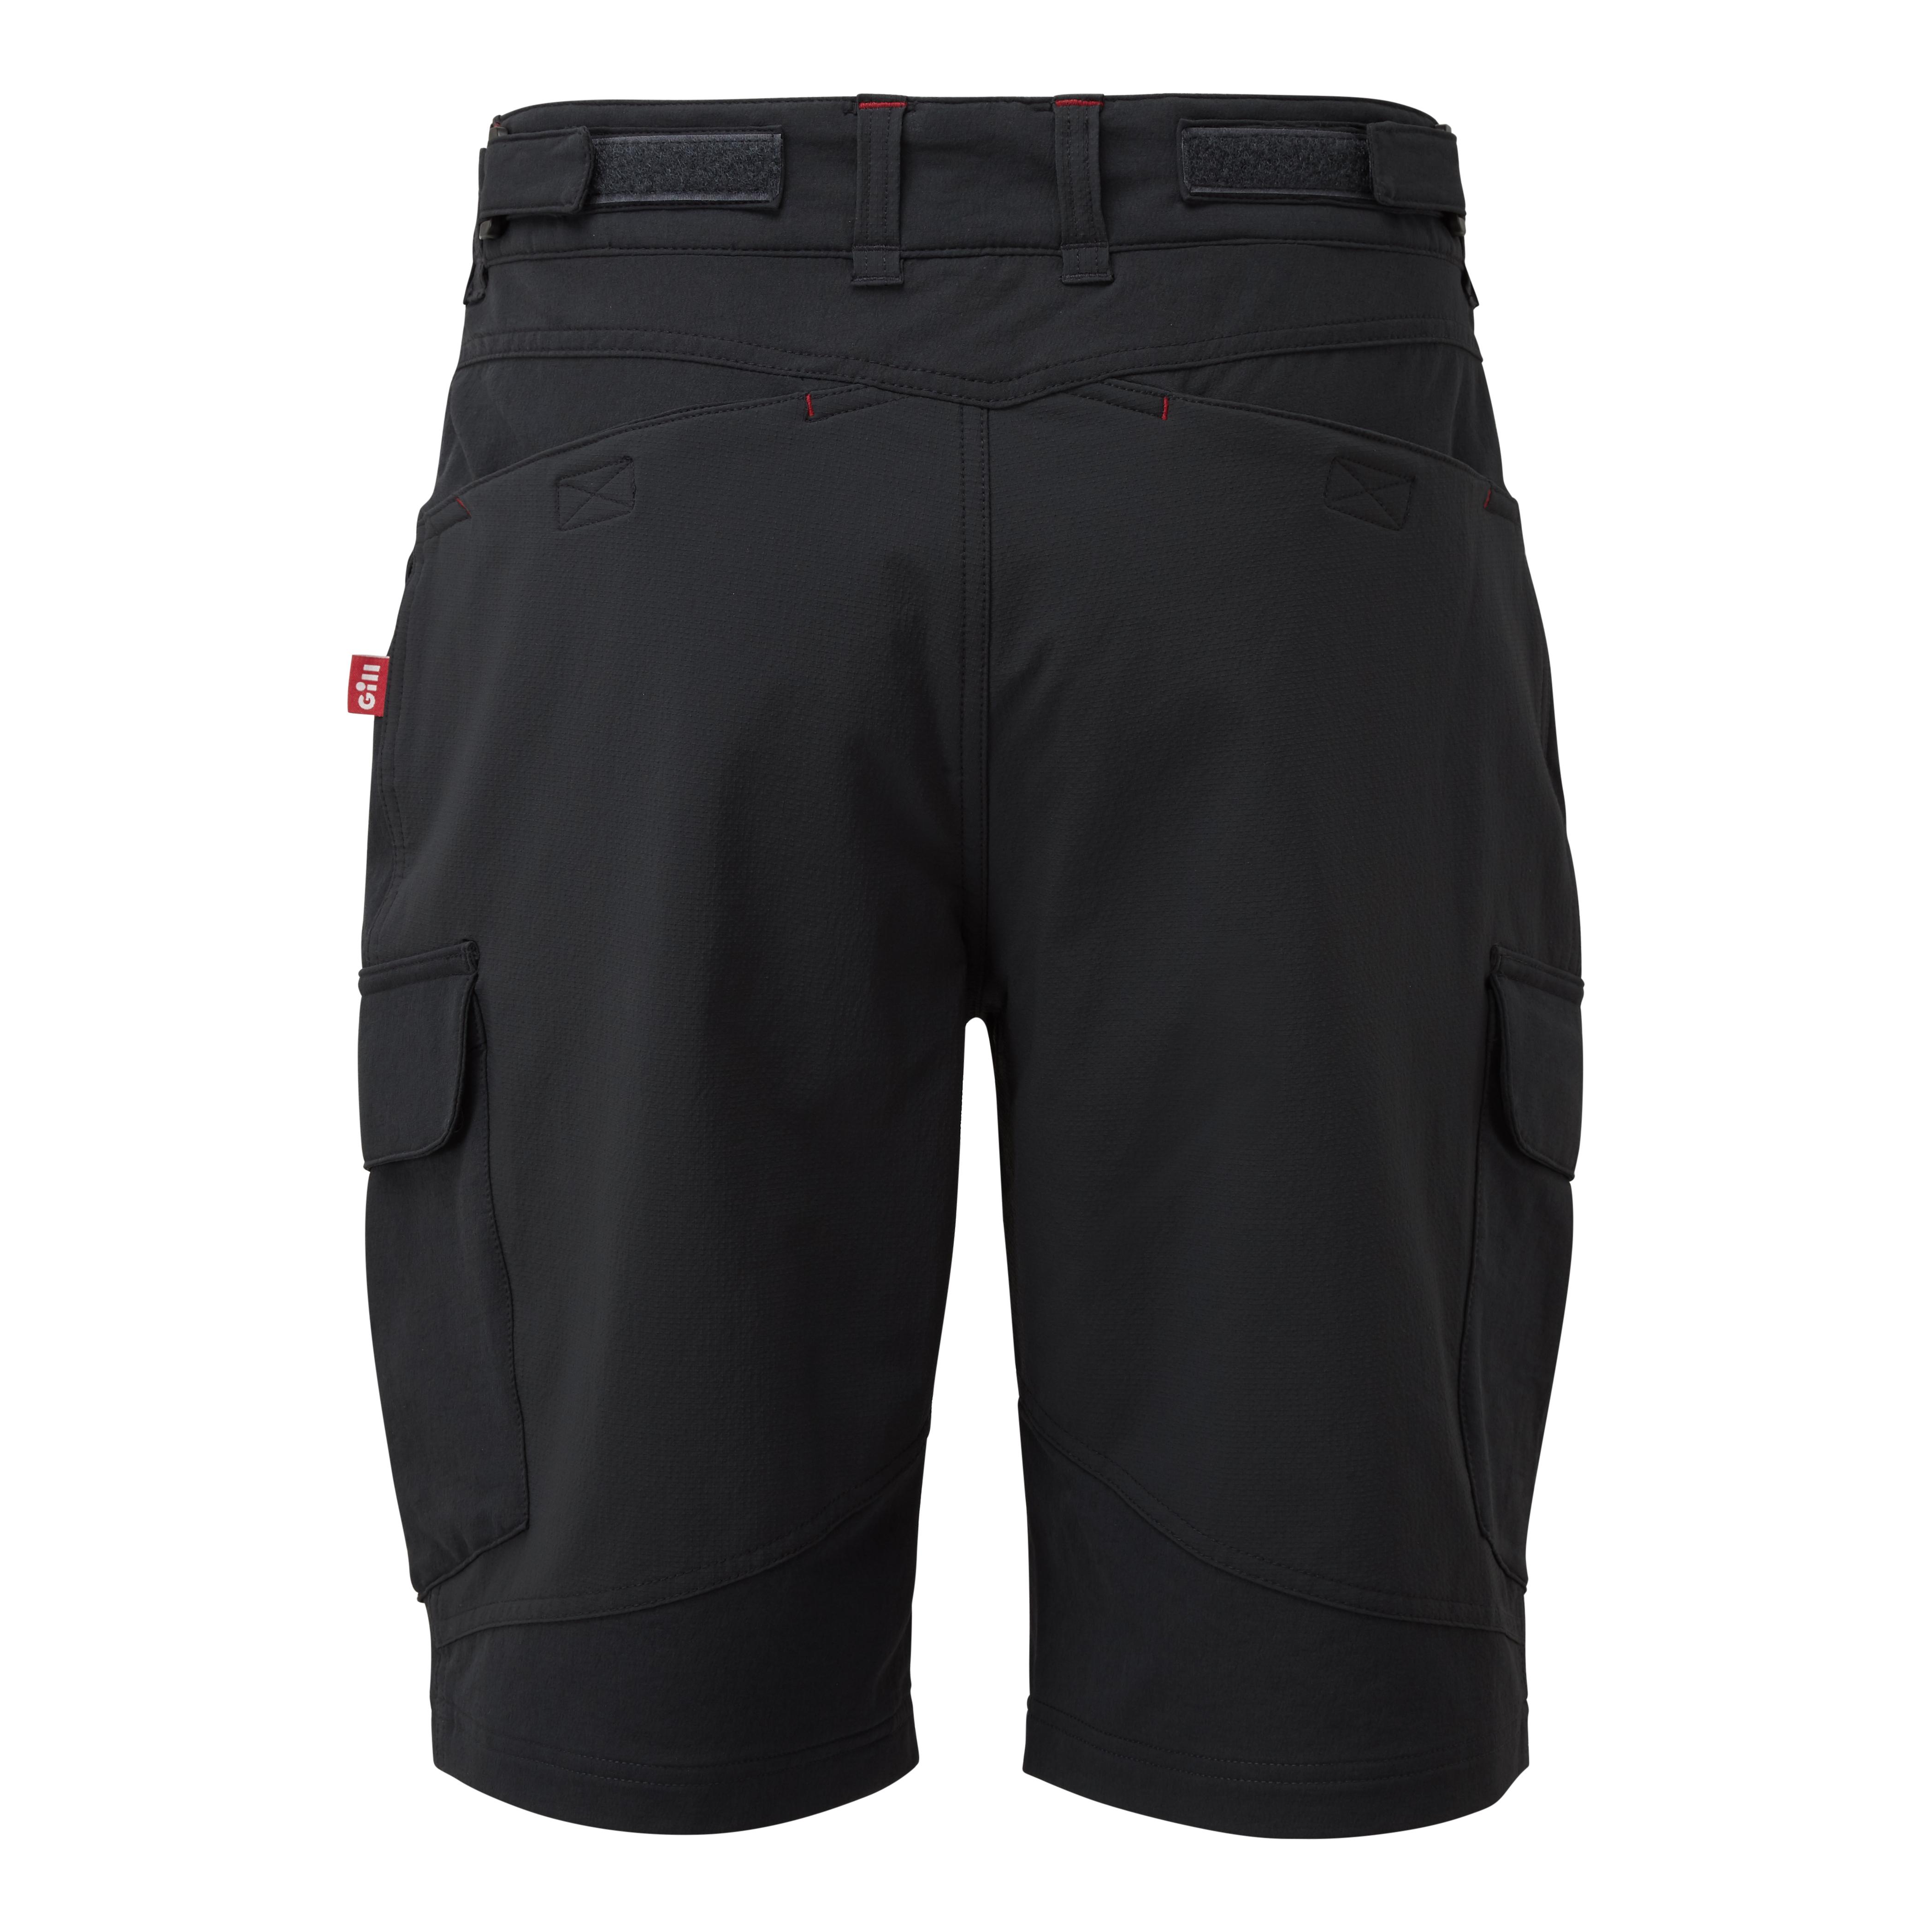 Men's UV Tec Pro Shorts - UV013-GRA01-2.jpg